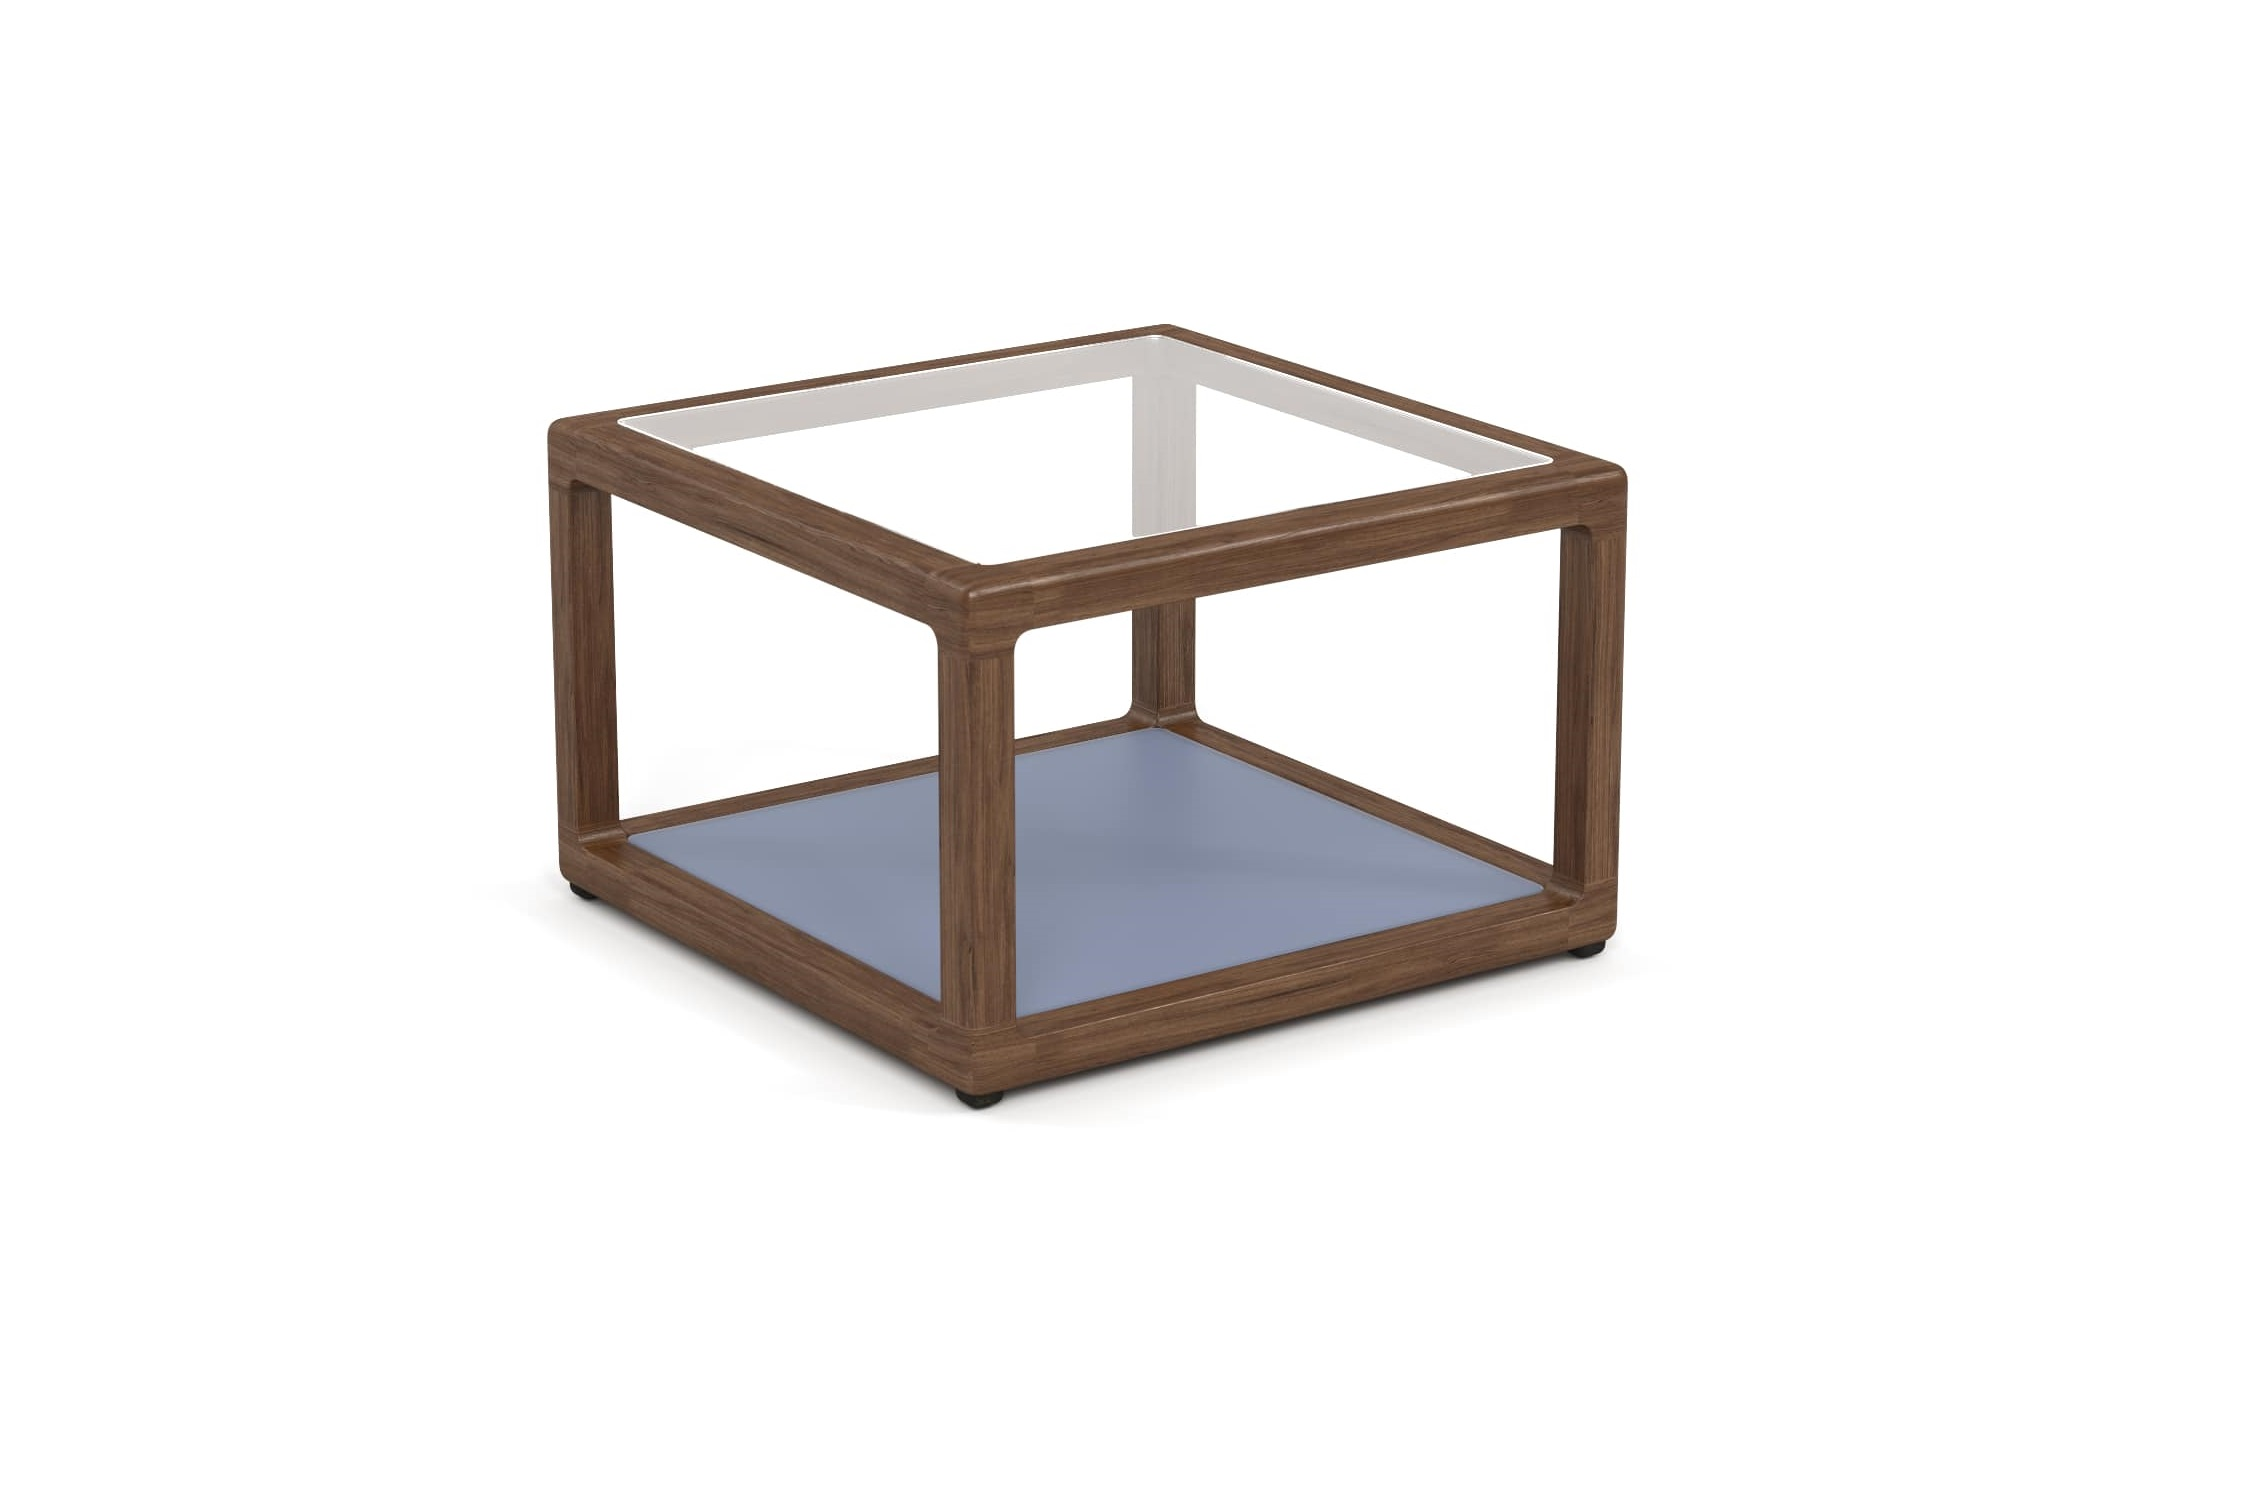 Стол журнальный SeagullСтолы и столики для сада<br>&amp;lt;div&amp;gt;Коллекция SEAGULL – воплощение природной простоты и естественного совершенства. Мебель привлекает тёплыми тонами, уникальностью материала и идеальными пропорциями. Стеклянные столешницы обеденных и журнальных столов по цвету гармонируют с тканью подушек, удобные диваны и «утопающие» кресла дарят ощущения спокойствия и комфорта.&amp;amp;nbsp;&amp;lt;/div&amp;gt;&amp;lt;div&amp;gt;&amp;lt;br&amp;gt;&amp;lt;/div&amp;gt;&amp;lt;div&amp;gt;Термоясень (ясень термообработанный) обладает высокими эксплуатационными характеристиками. Имеет ярко выраженную красивую текстуру и благородный аромат. Это исключительно долговечный, недеформируемый под воздействием атмосферных явлений и экологически чистый материал. В результате термообработки – длительного переменного воздействия пара и высоких температур – в структуре древесины происходят изменения на молекулярном уровне, и ясень приобретает наиболее важные для уличной мебели свойства – водостойкость, стабильность размеров, абсолютную устойчивость к биологическим поражениям. Срок службы – 10-15 лет.&amp;amp;nbsp;&amp;lt;/div&amp;gt;&amp;lt;div&amp;gt;&amp;lt;br&amp;gt;&amp;lt;/div&amp;gt;&amp;lt;div&amp;gt;Вся фурнитура изготовлена из нержавеющей стали на собственном производстве.&amp;amp;nbsp;&amp;lt;/div&amp;gt;&amp;lt;div&amp;gt;&amp;lt;br&amp;gt;&amp;lt;/div&amp;gt;<br><br>&amp;lt;iframe width=&amp;quot;530&amp;quot; height=&amp;quot;300&amp;quot; src=&amp;quot;https://www.youtube.com/embed/uL9Kujh07kc&amp;quot; frameborder=&amp;quot;0&amp;quot; allowfullscreen=&amp;quot;&amp;quot;&amp;gt;&amp;lt;/iframe&amp;gt;<br><br>Material: Ясень<br>Ширина см: 60.0<br>Высота см: 40.0<br>Глубина см: 60.0